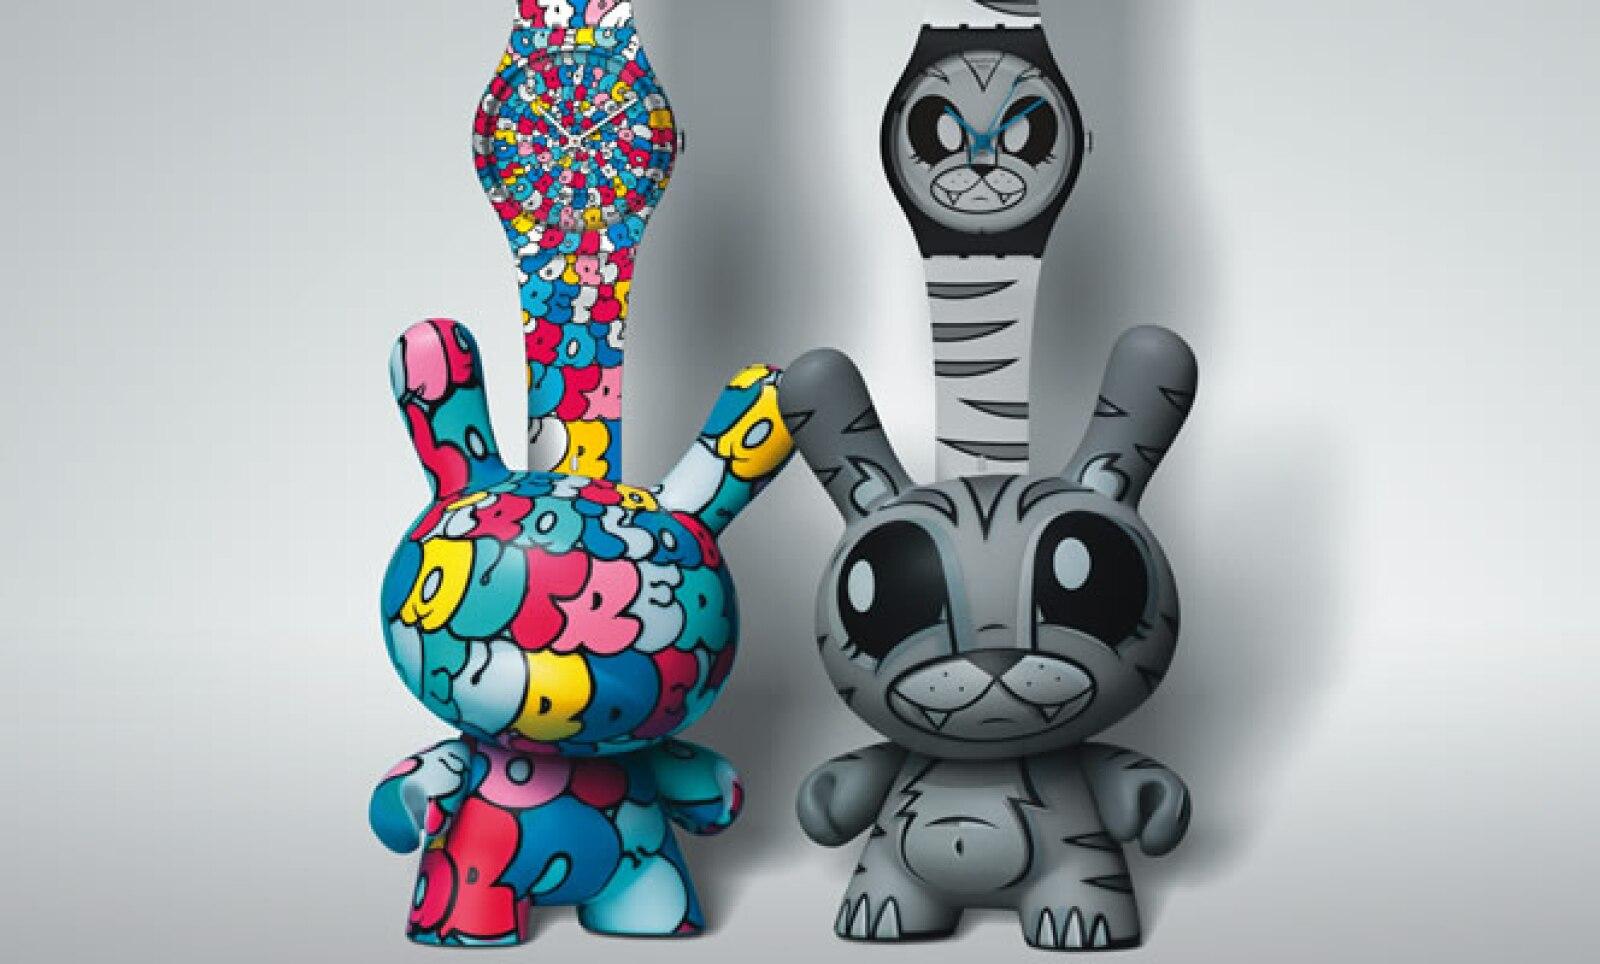 El paquete está disponible con un reloj y un juguete de vinilo, mejor conocido como Dunny, uno de los modelos más característicos de Kid Robot, similar a un conejo.